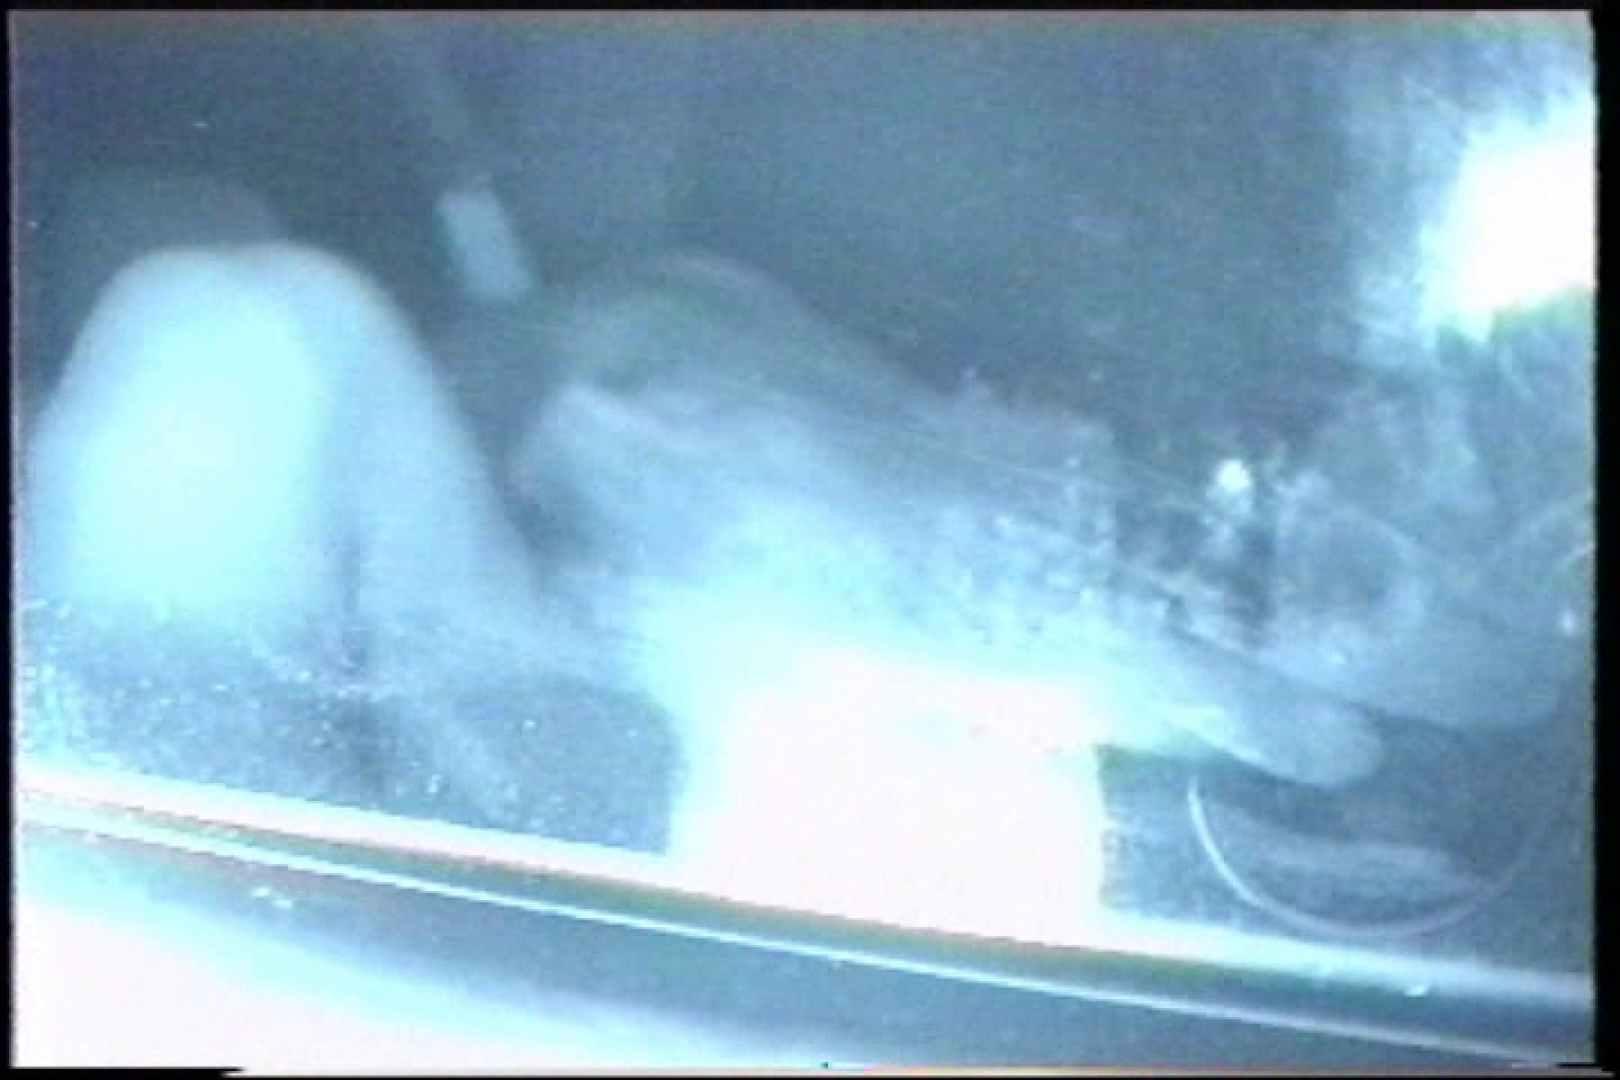 充血監督の深夜の運動会Vol.210 おまんこ無修正 | OLセックス  98画像 47